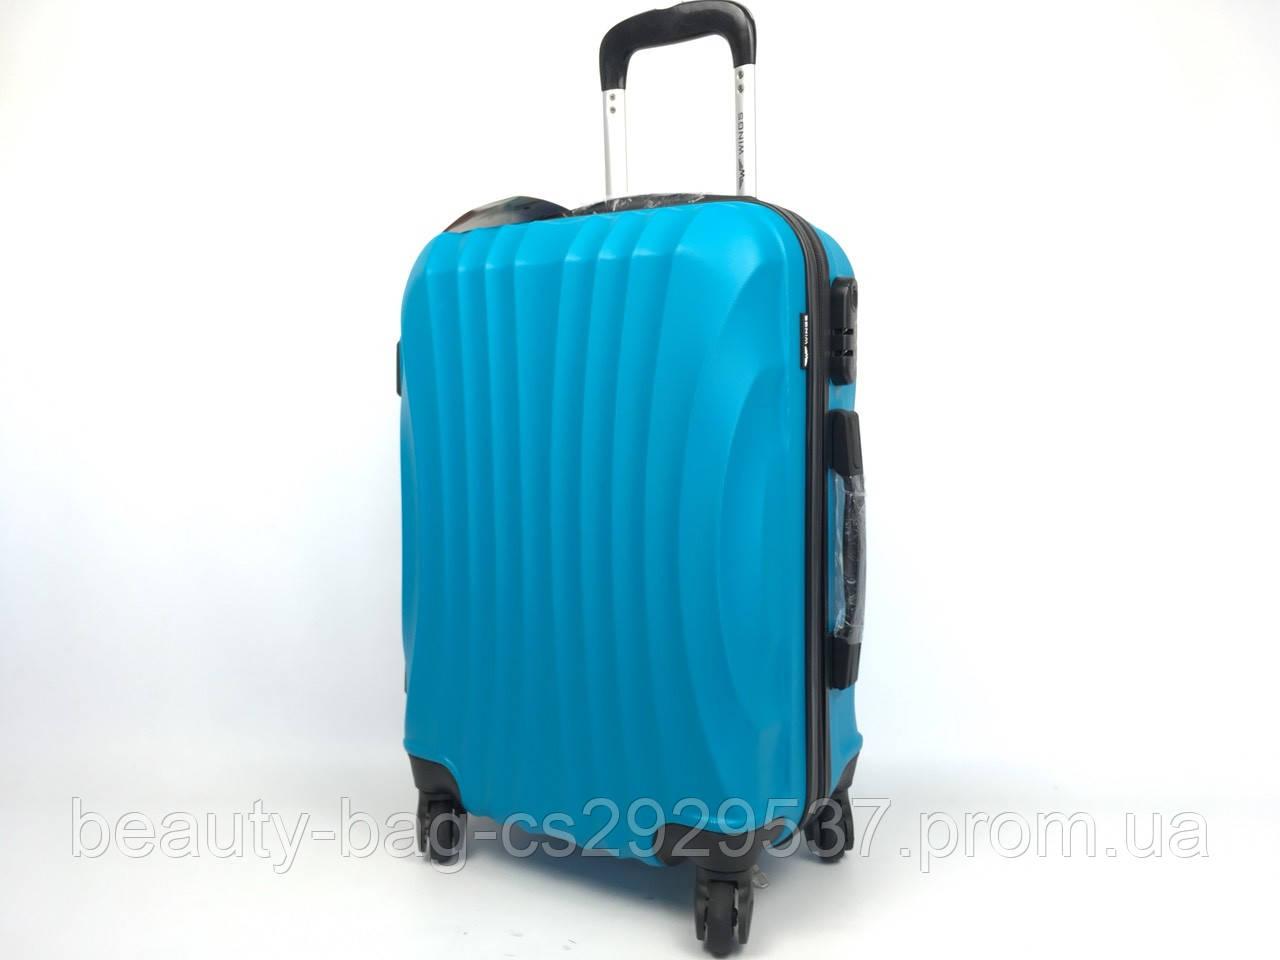 Чемодан пластиковый экстра маленького размера Wings 159 Extra Mini синий